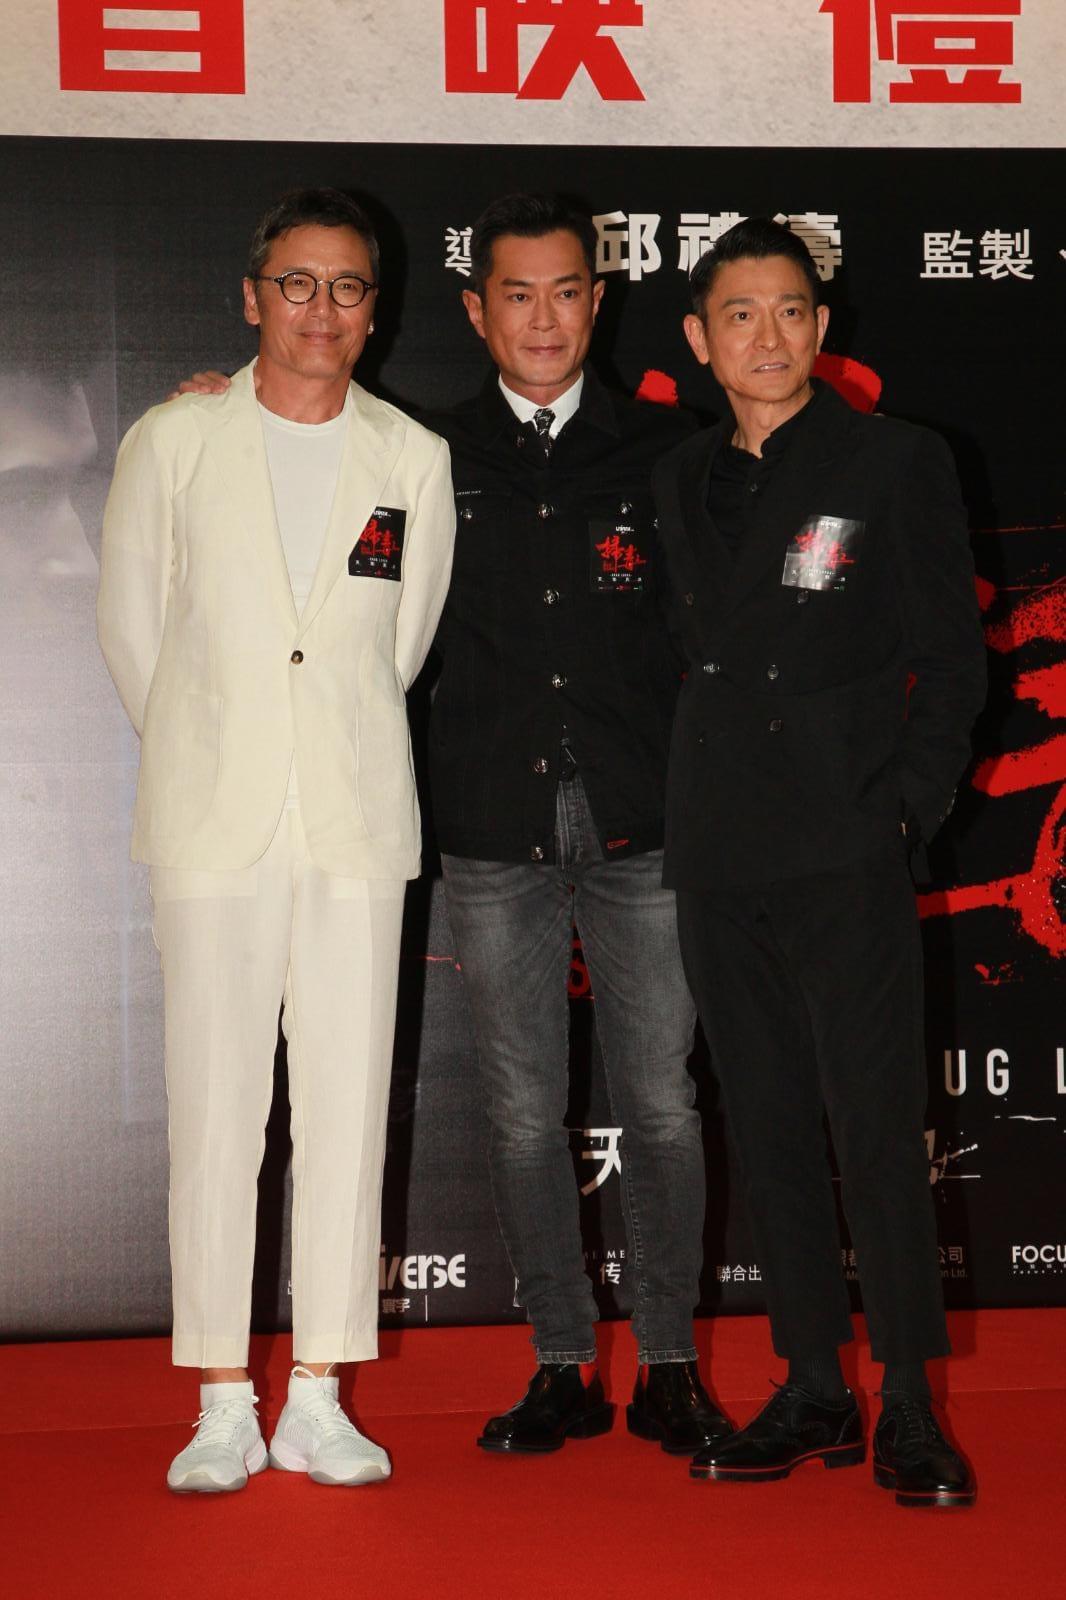 劉德華(右)、苗僑偉(左)、古天樂(中)。